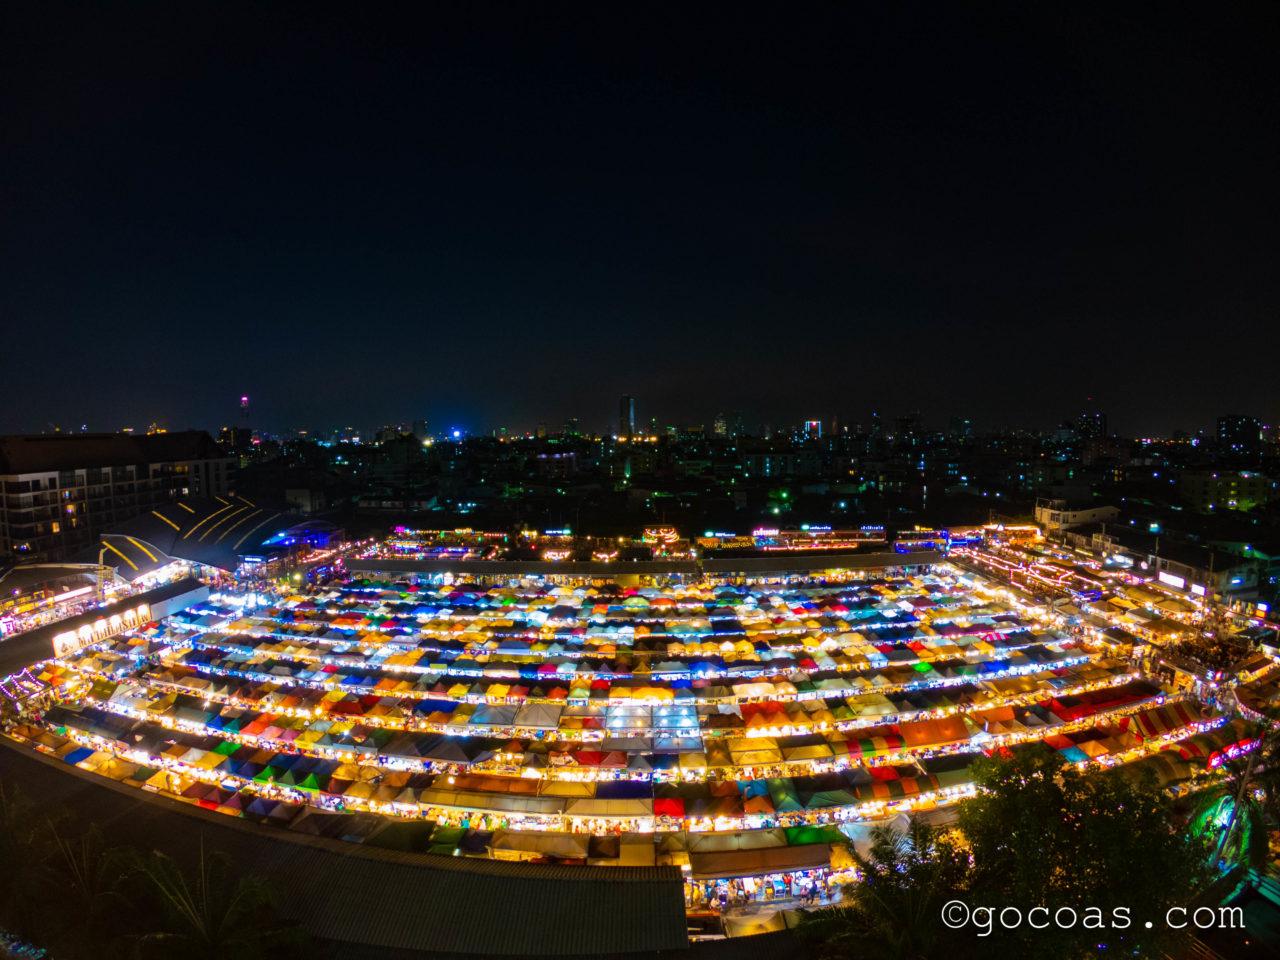 エスプラナード・ラチャダーからみたラチャダー 鉄道市場の夜景